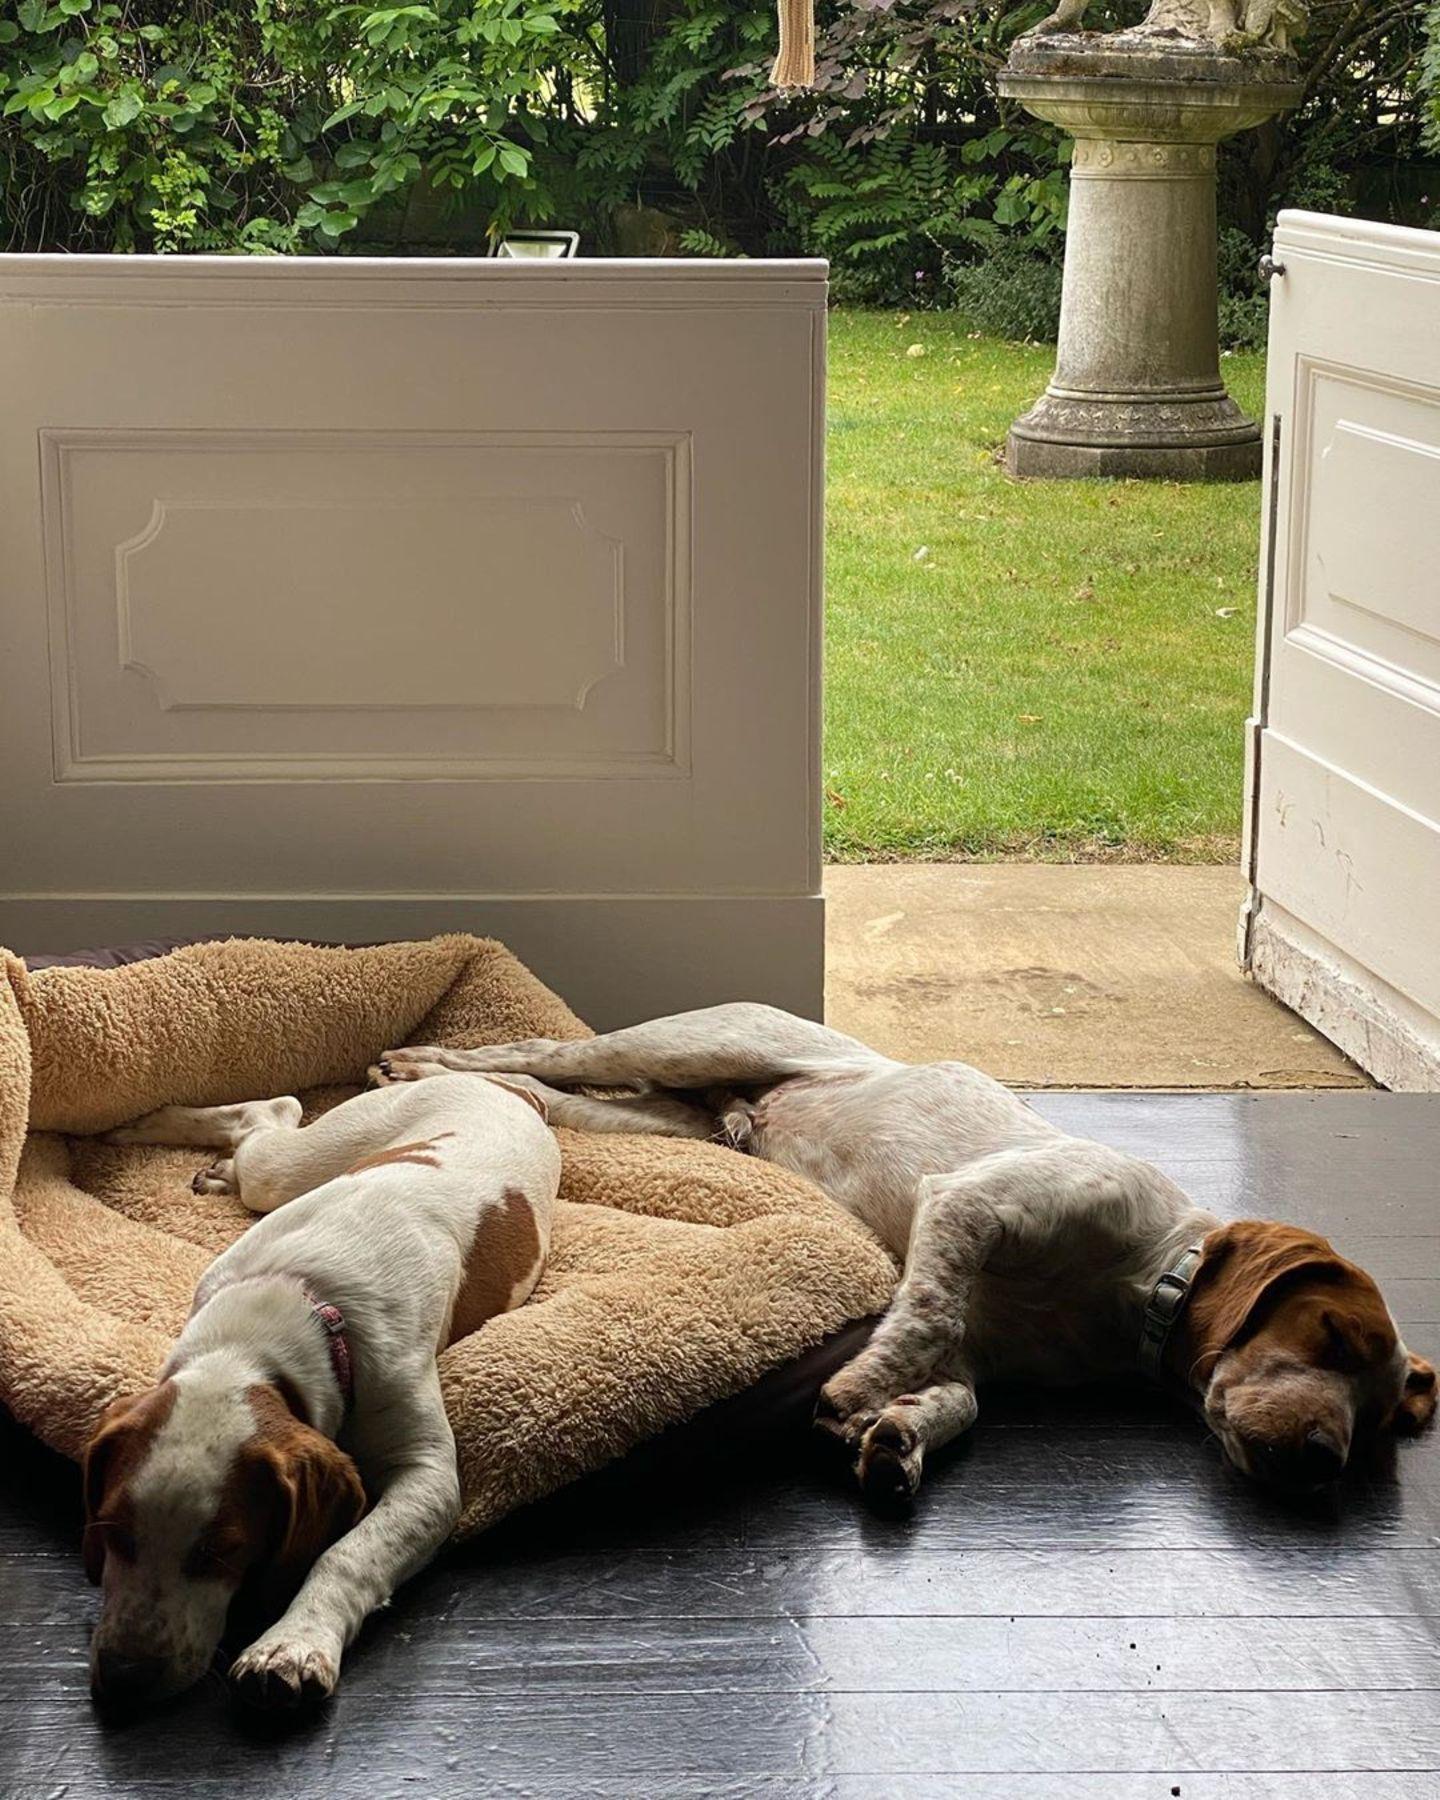 """Charles Spencer, der jüngere Bruder der verstorbenen Prinzessin Diana, hat auf Instagram Bilder seiner Hunde Forager und Rufus geteilt. Dazu schreibt er: """"Zeit für ein neues Hundebett"""". Was aber noch interessanter ist als die beiden süßen Fellnasen, ist der Bildhintergrund. Denn Earl Spencer gewährt hier einen seltenen Einblick in den idyllischen Garten, in dem Lady Diana aufgewachsen ist."""